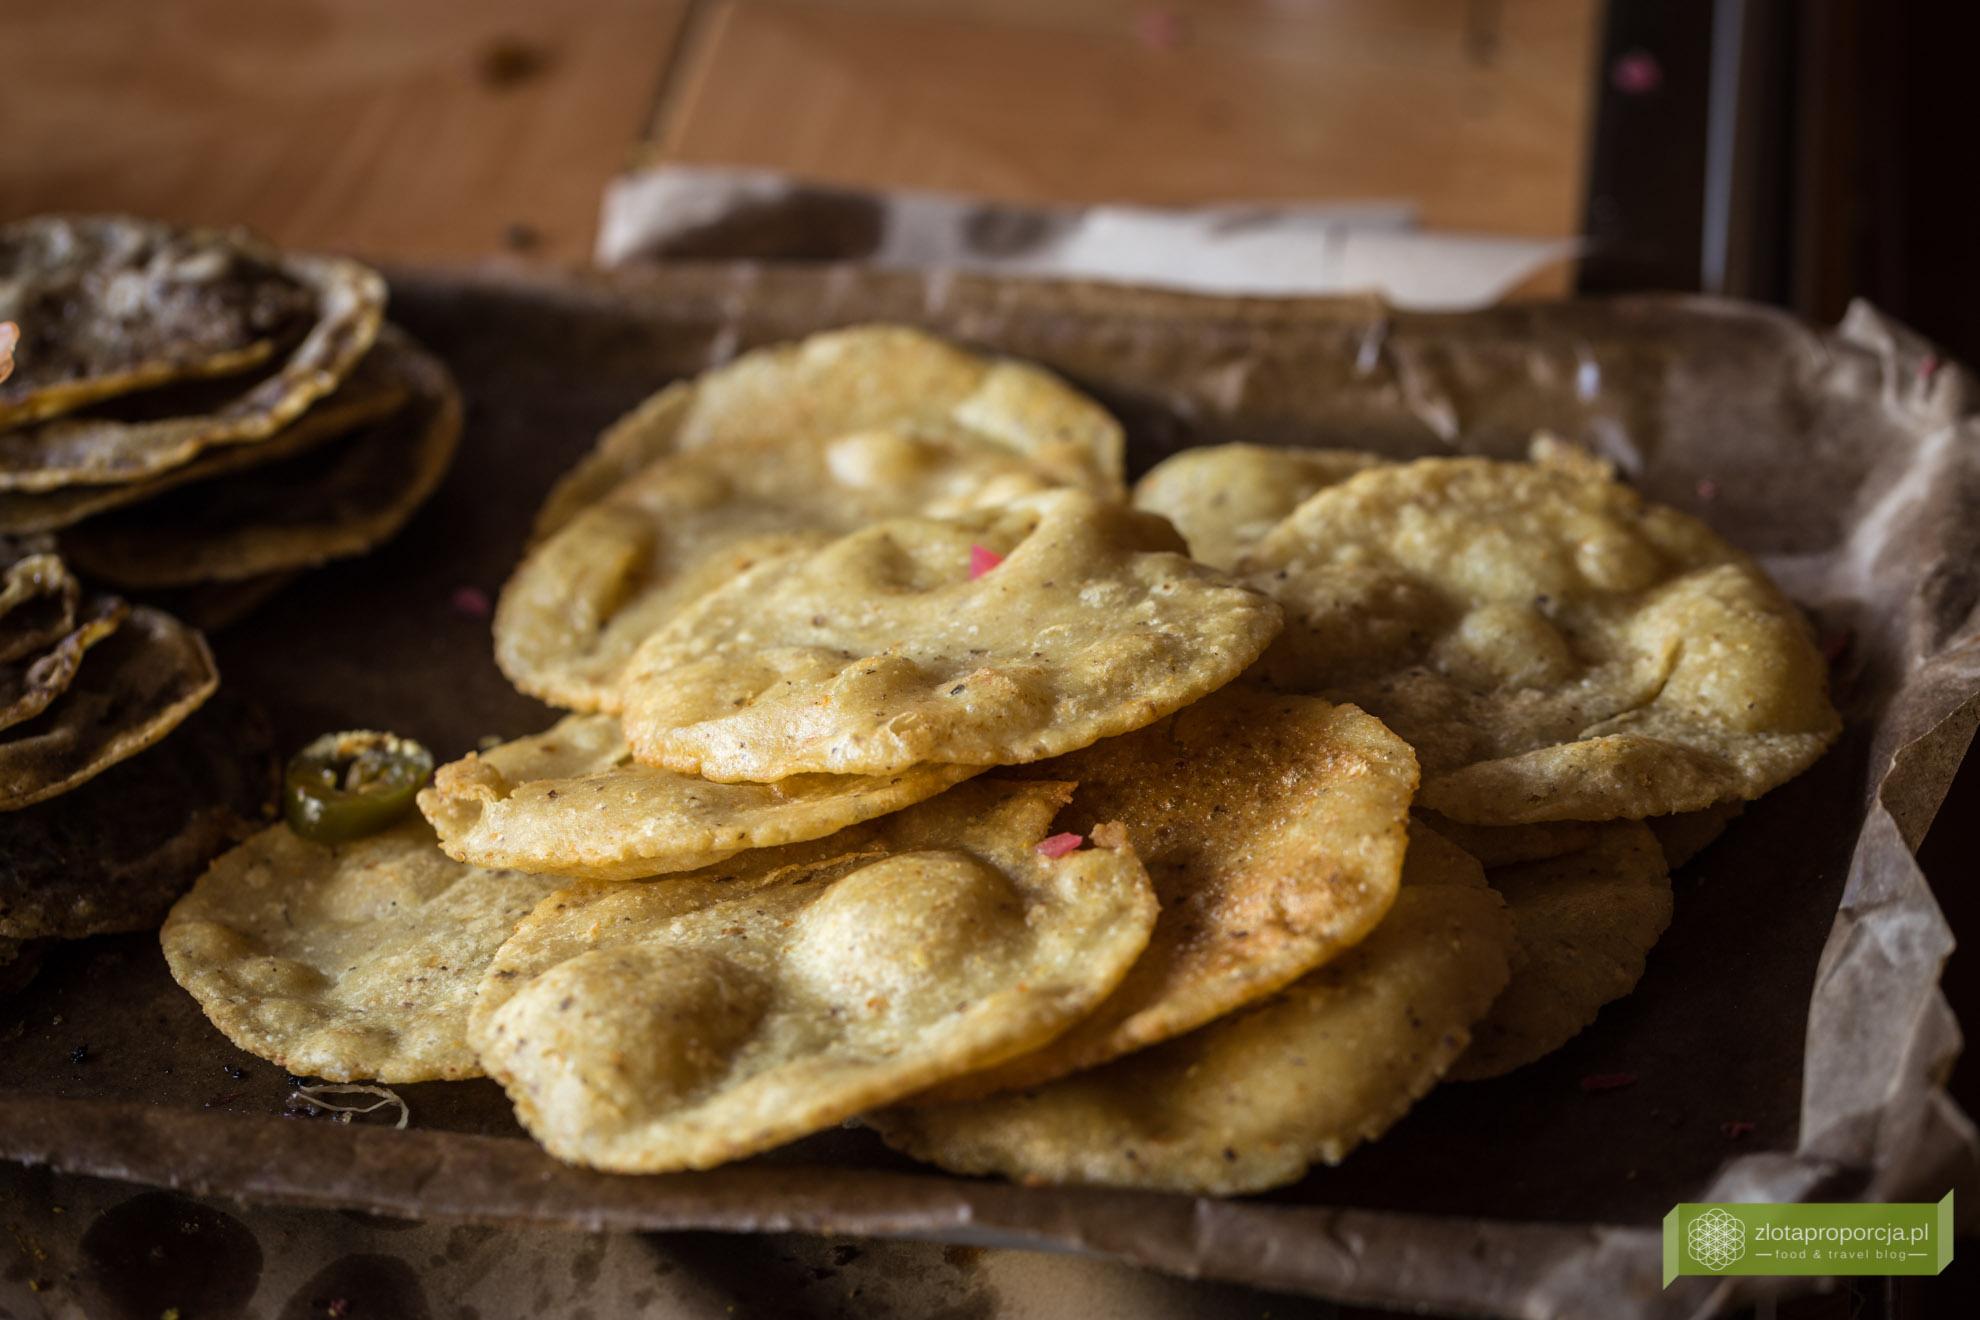 kuchnia Jukatanu, kuchnia meksykańska, meksykańskie potrawy, potrawy na Jukatanie, meksykański street food